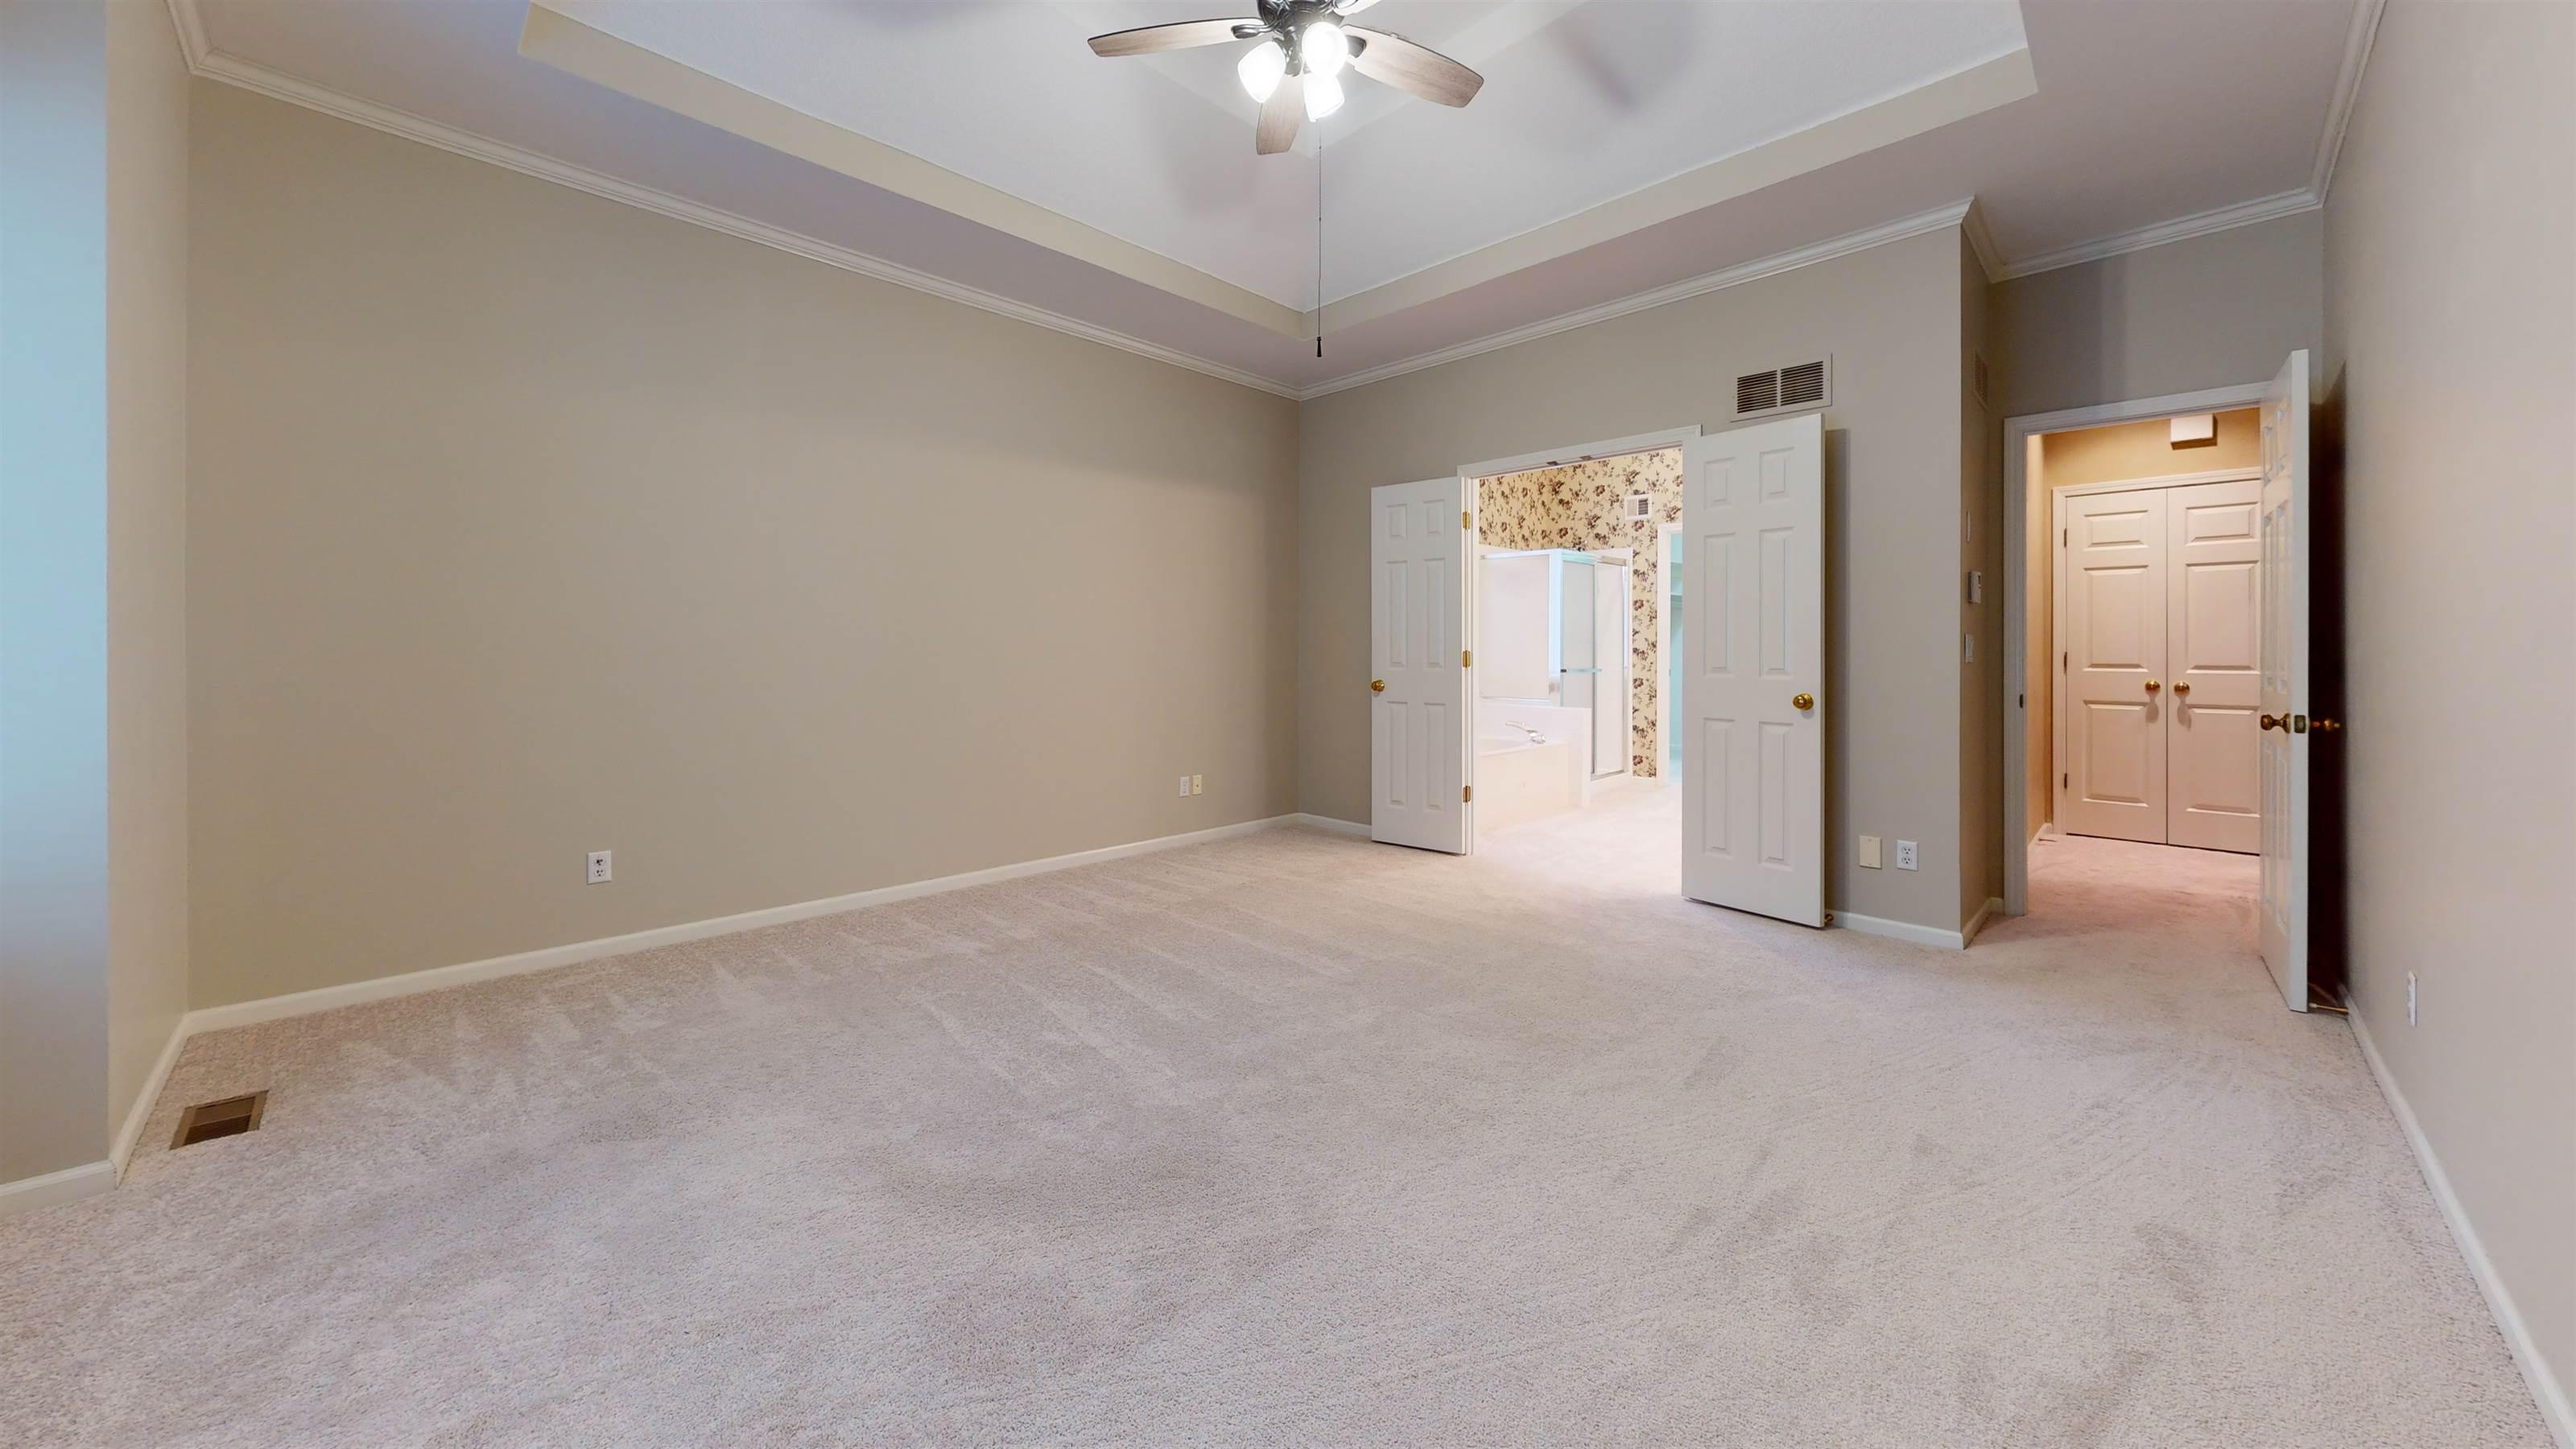 14141 Slater Street, Overland Park, KS 66221